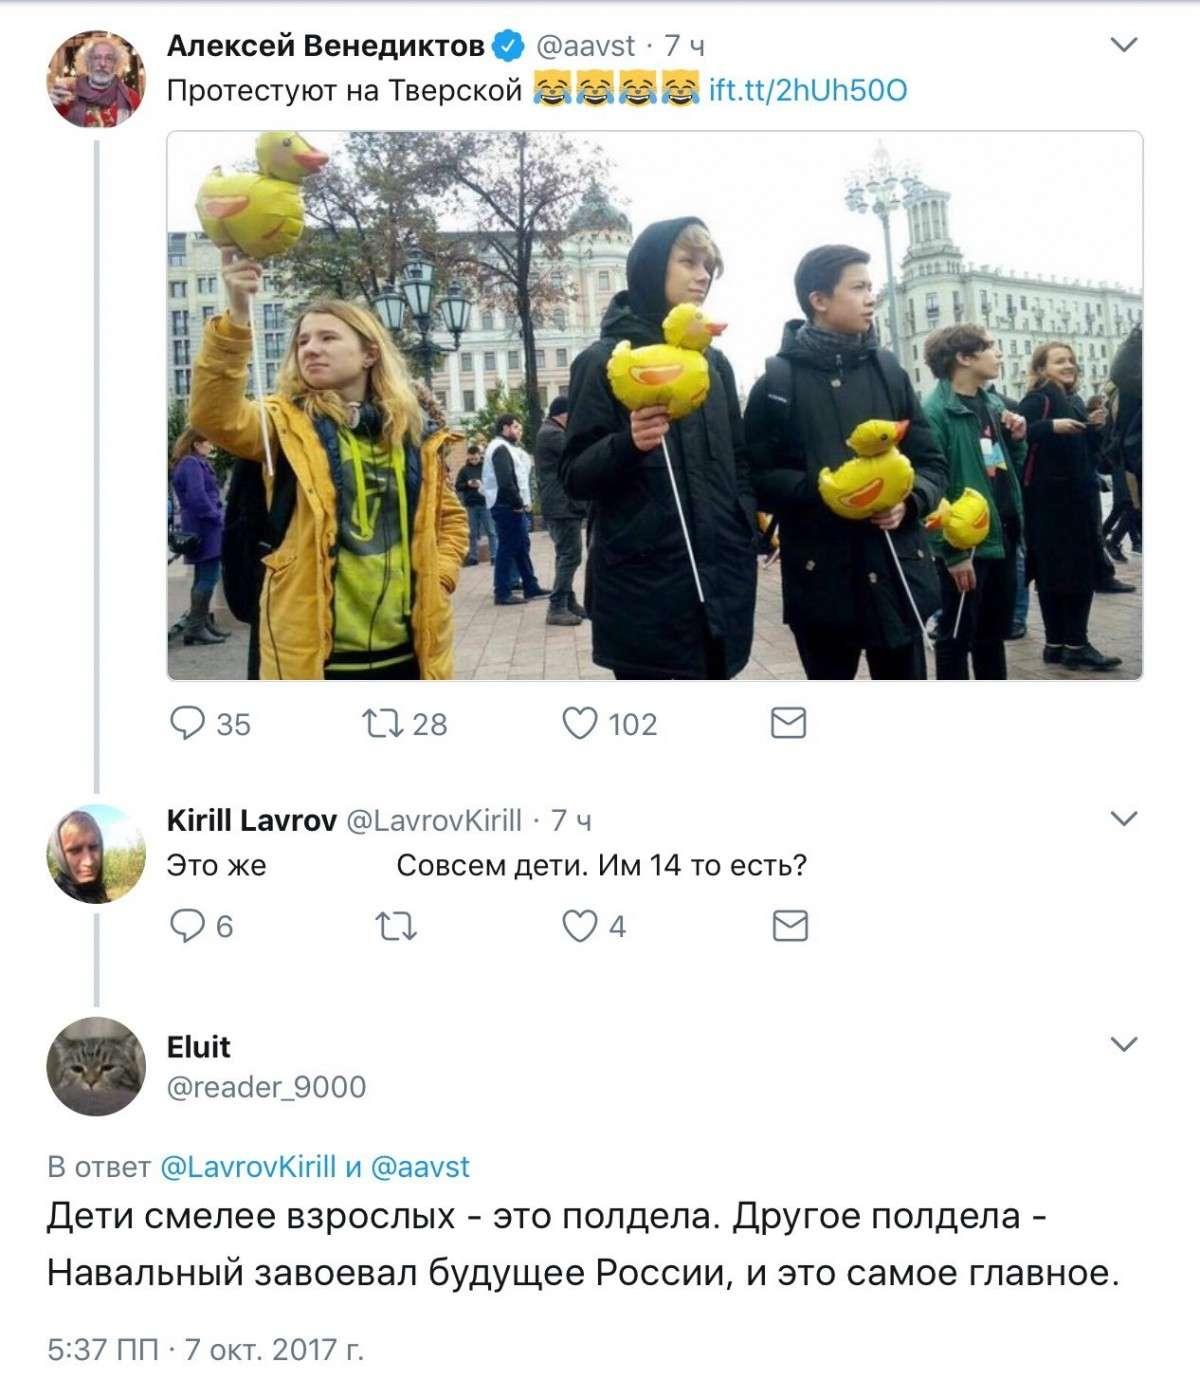 Эти дети себе представляют, что будет с Россией без Путина? До чего уточки доводят?